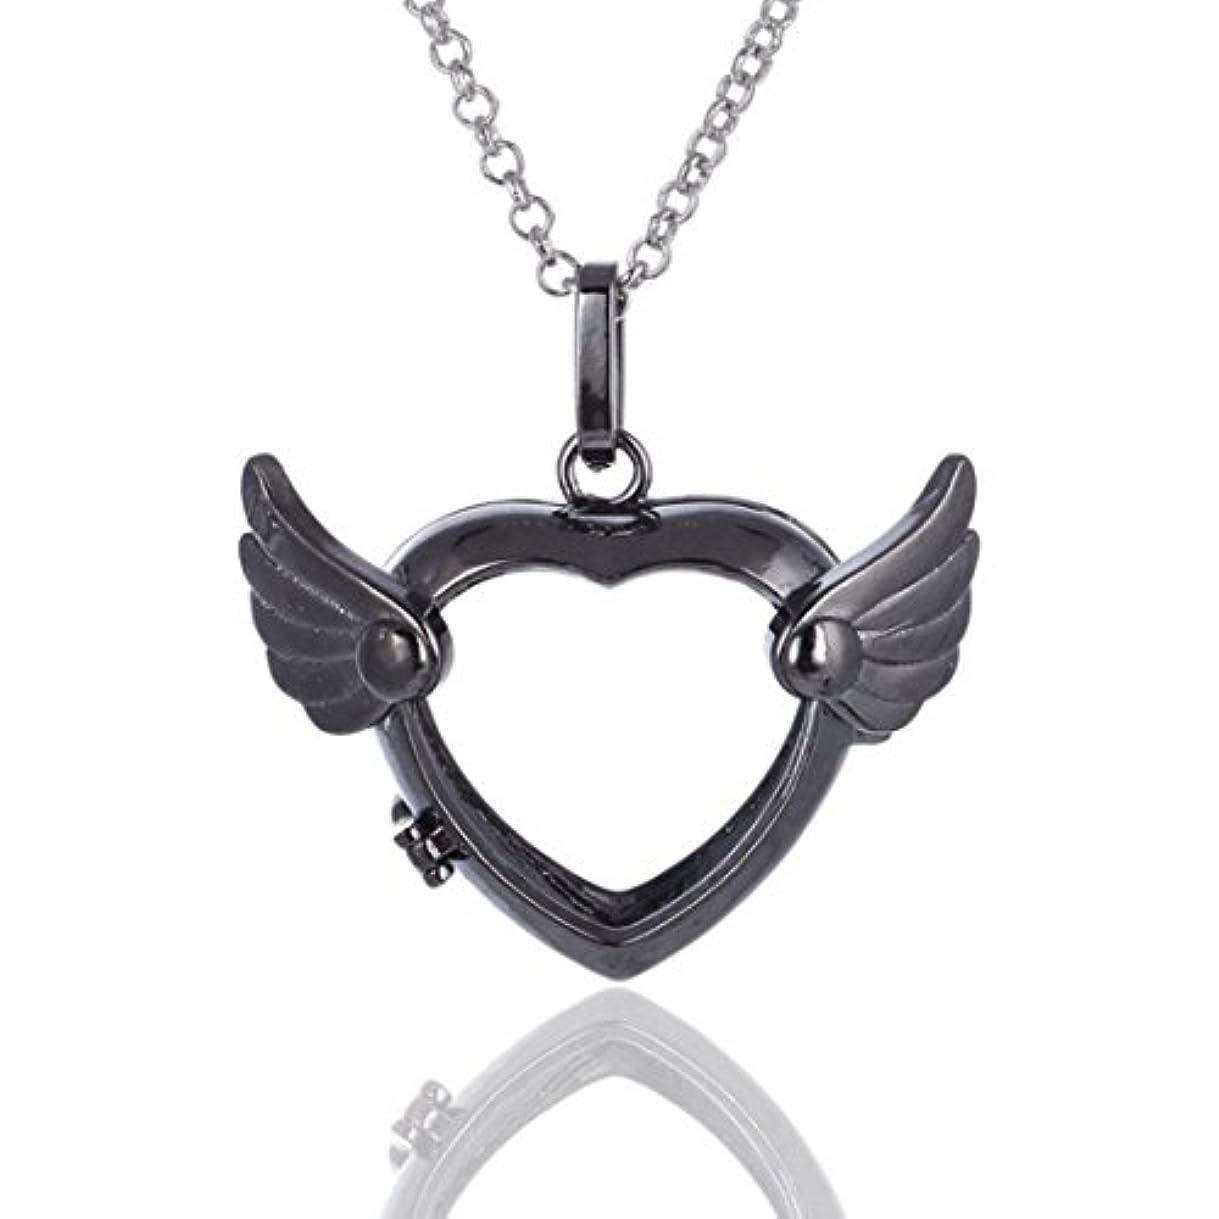 緊張文ウイルスLove Heart Angel Wingsロケットペンダント、Aromatherapy Essential Oil Diffuserネックレス、シルバー、ブラック、ゴールド